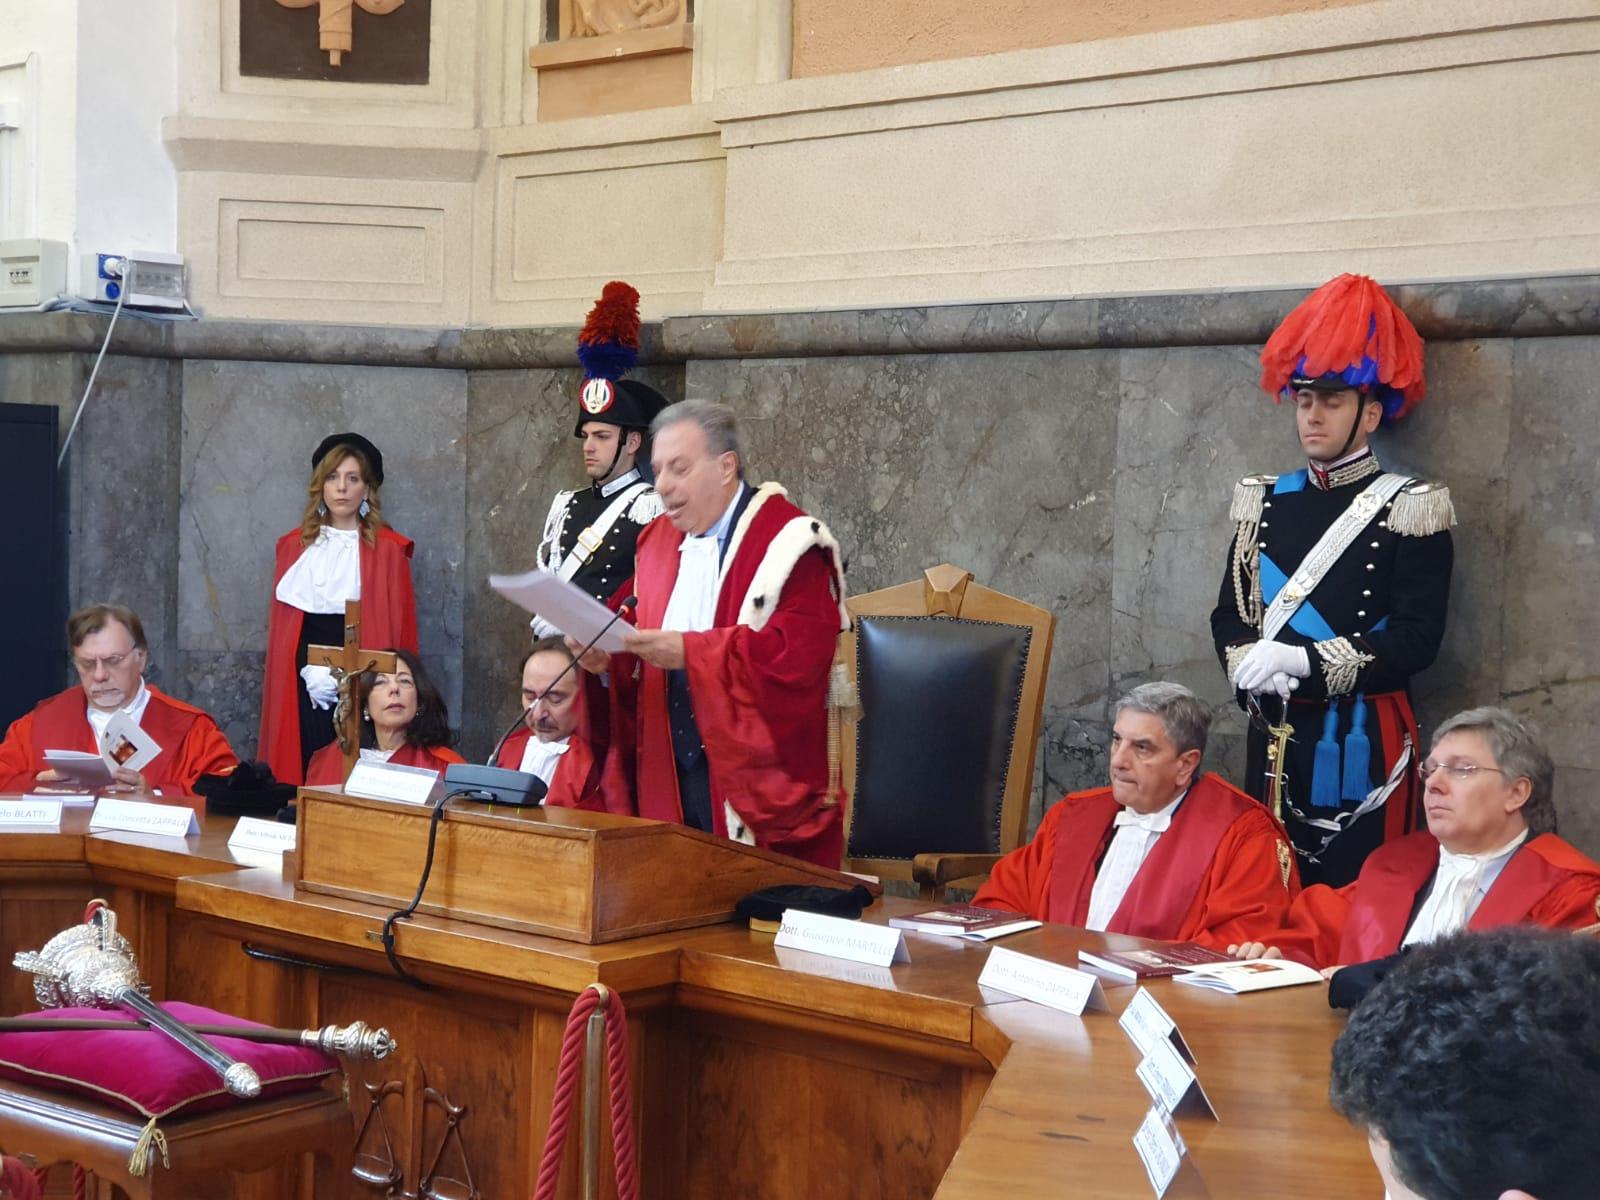 """Galluccio: """"Messina la più penalizzata d'Italia"""". Protestano gli avvocati"""